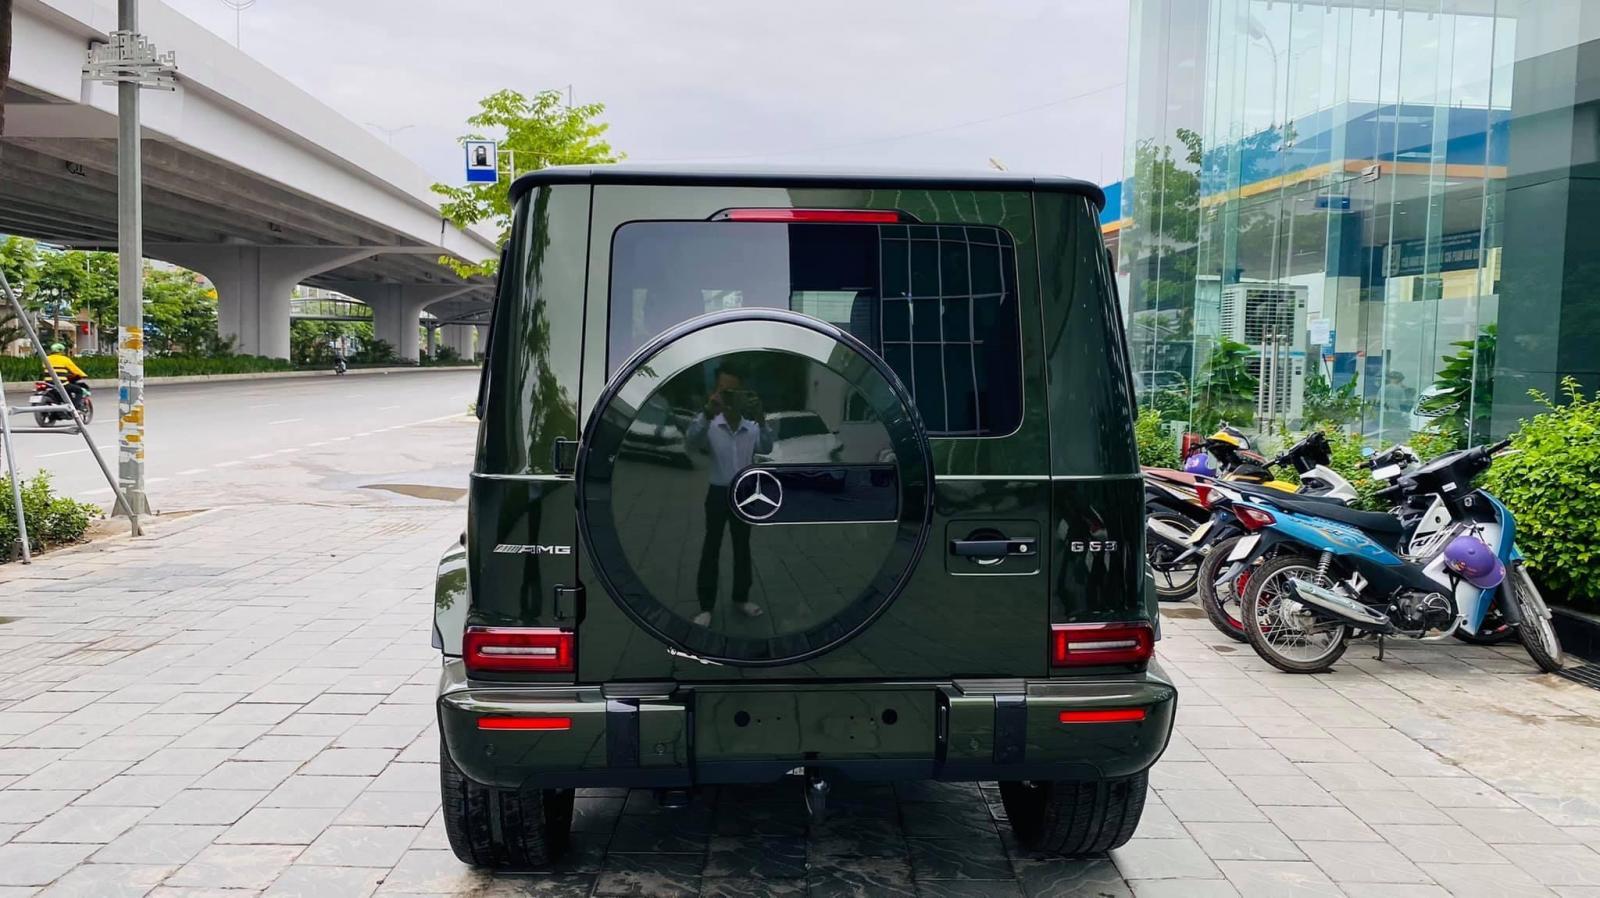 Bán Mercedes-Benz G63 AMG màu xanh bộ đội cực đẹp, sản xuất 2021, có xe sẵn giao ngay